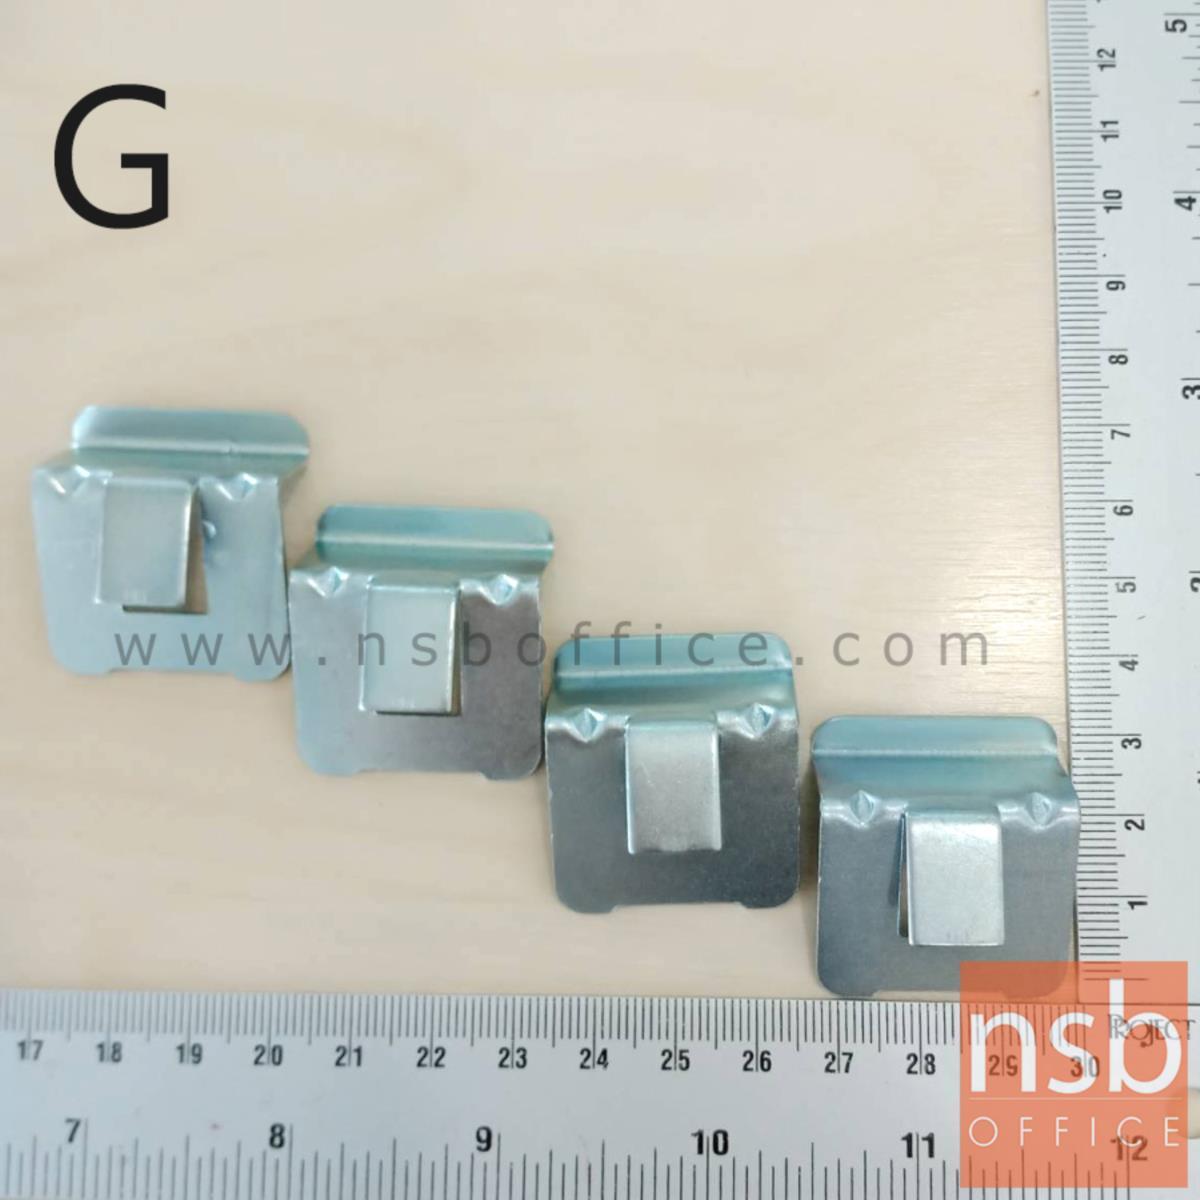 E01A015:ตะขอเกี่ยวแผ่นชั้น รุ่น G ชุดละ 4 ชิ้น